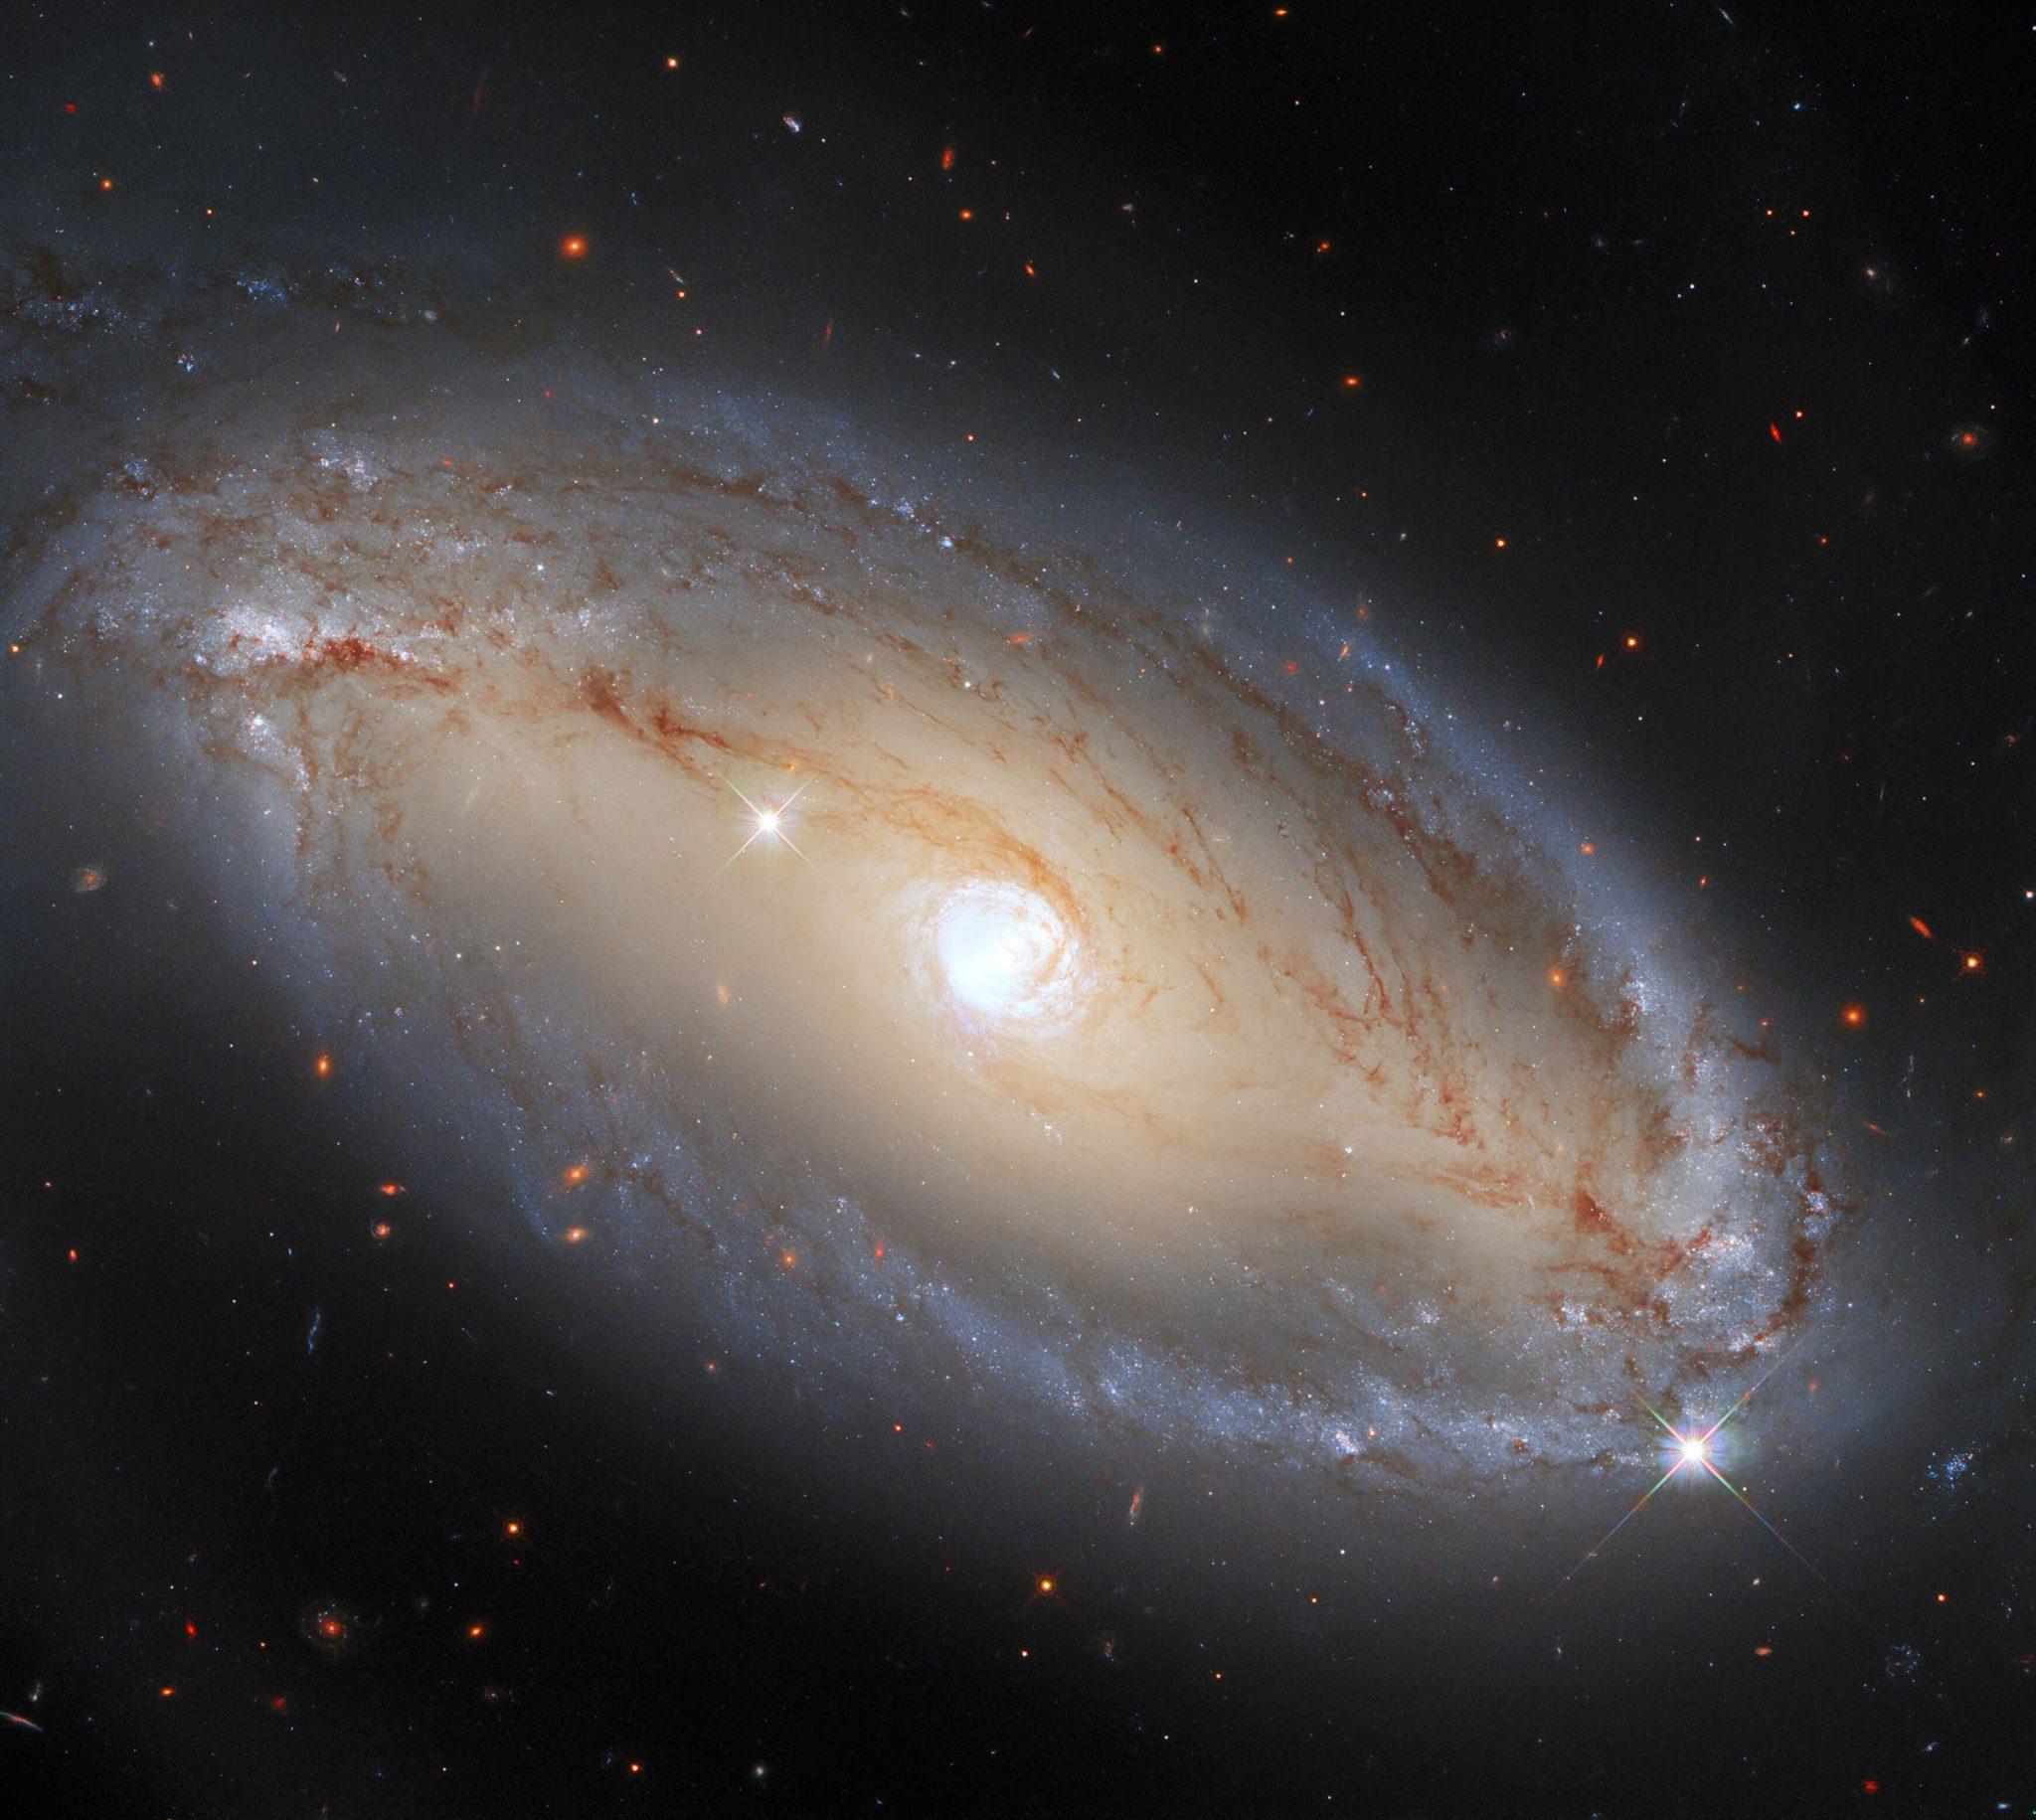 哈勃望远镜第三代广域照相机(WFC3)拍摄的螺旋星系NGC 5728